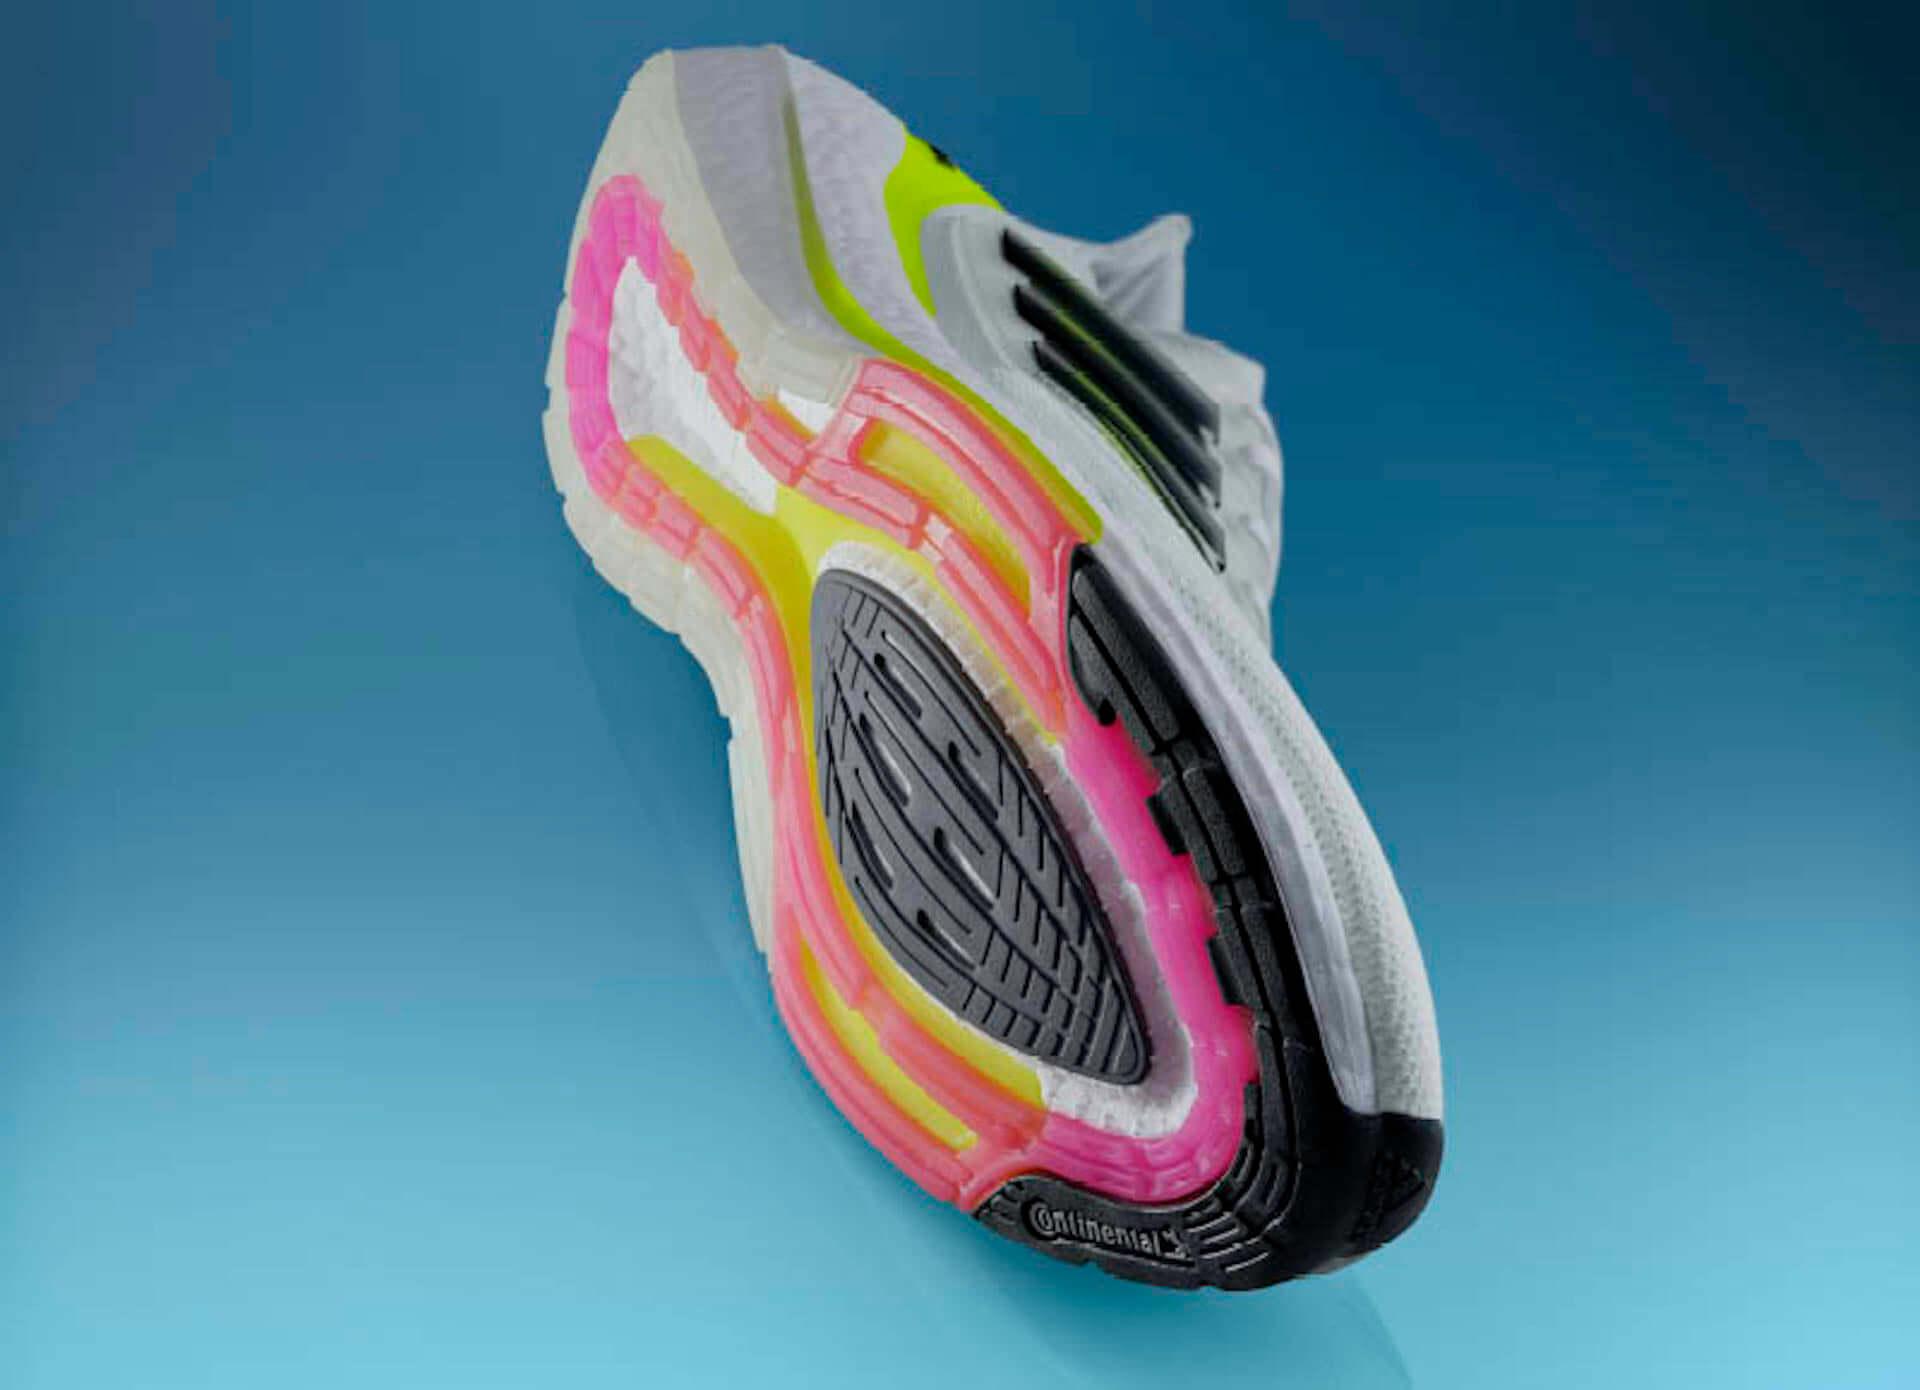 アディダスを象徴するプレミアムランニングシューズが進化!軽量性・クッショニングに優れた最新モデル『Ultraboost 21』が登場 lf210115_adidas_7-1920x1390